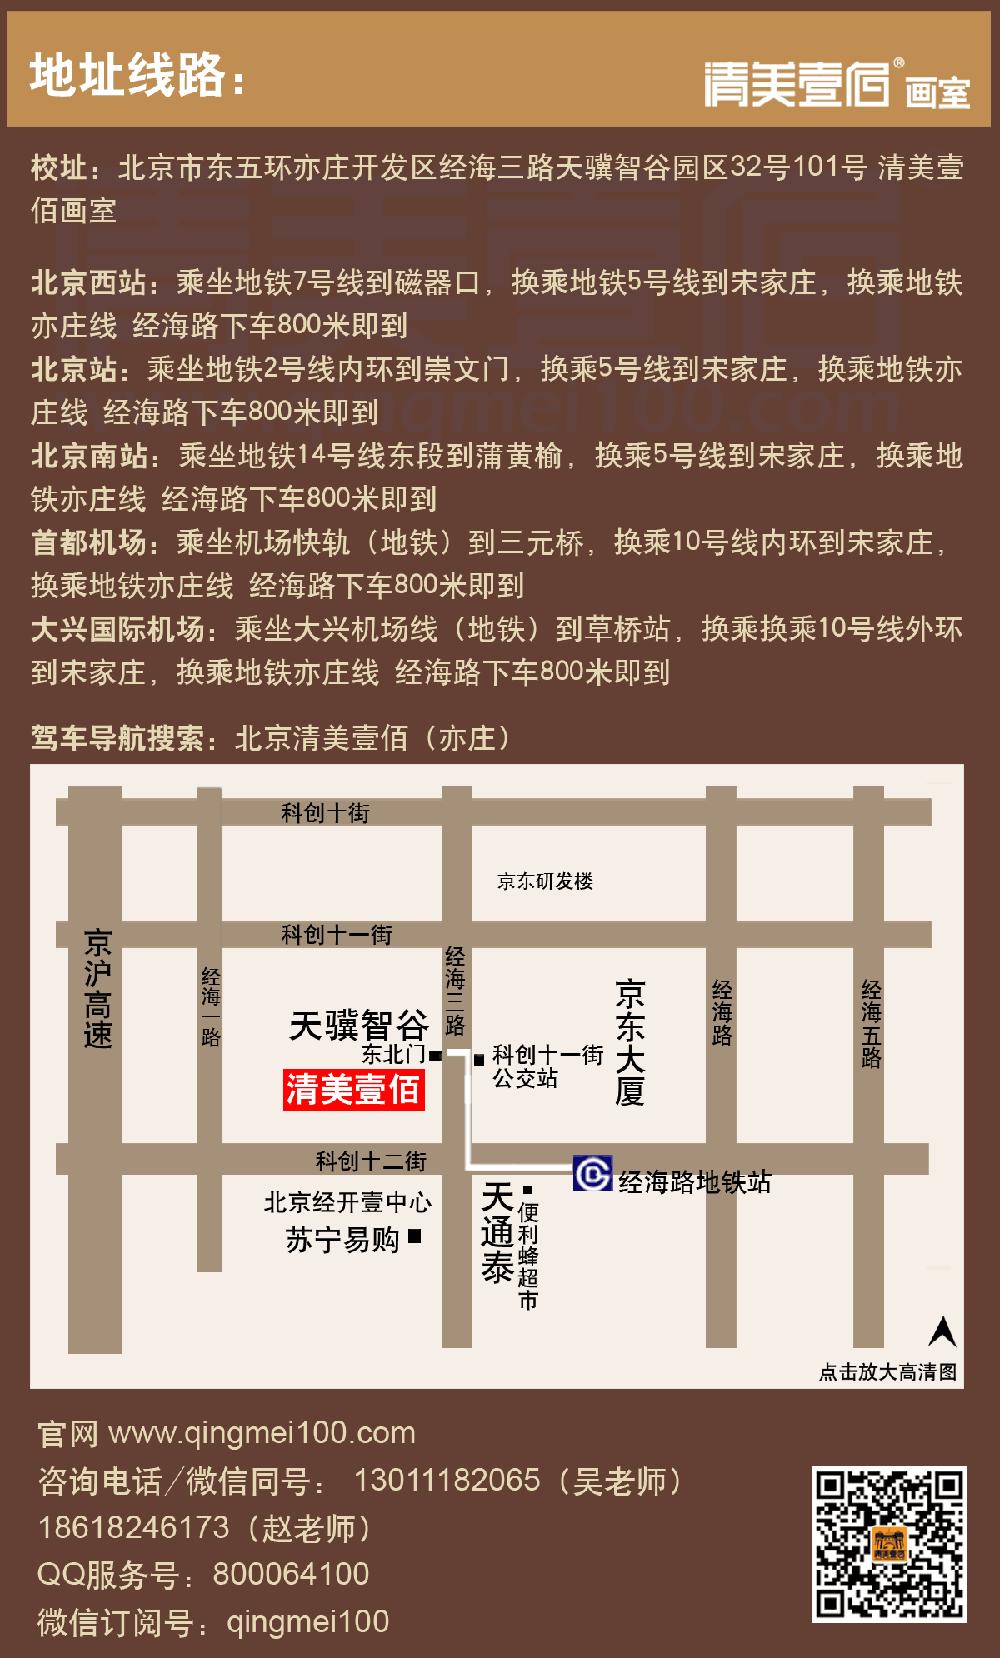 1000-地址线路2019-亦庄.png